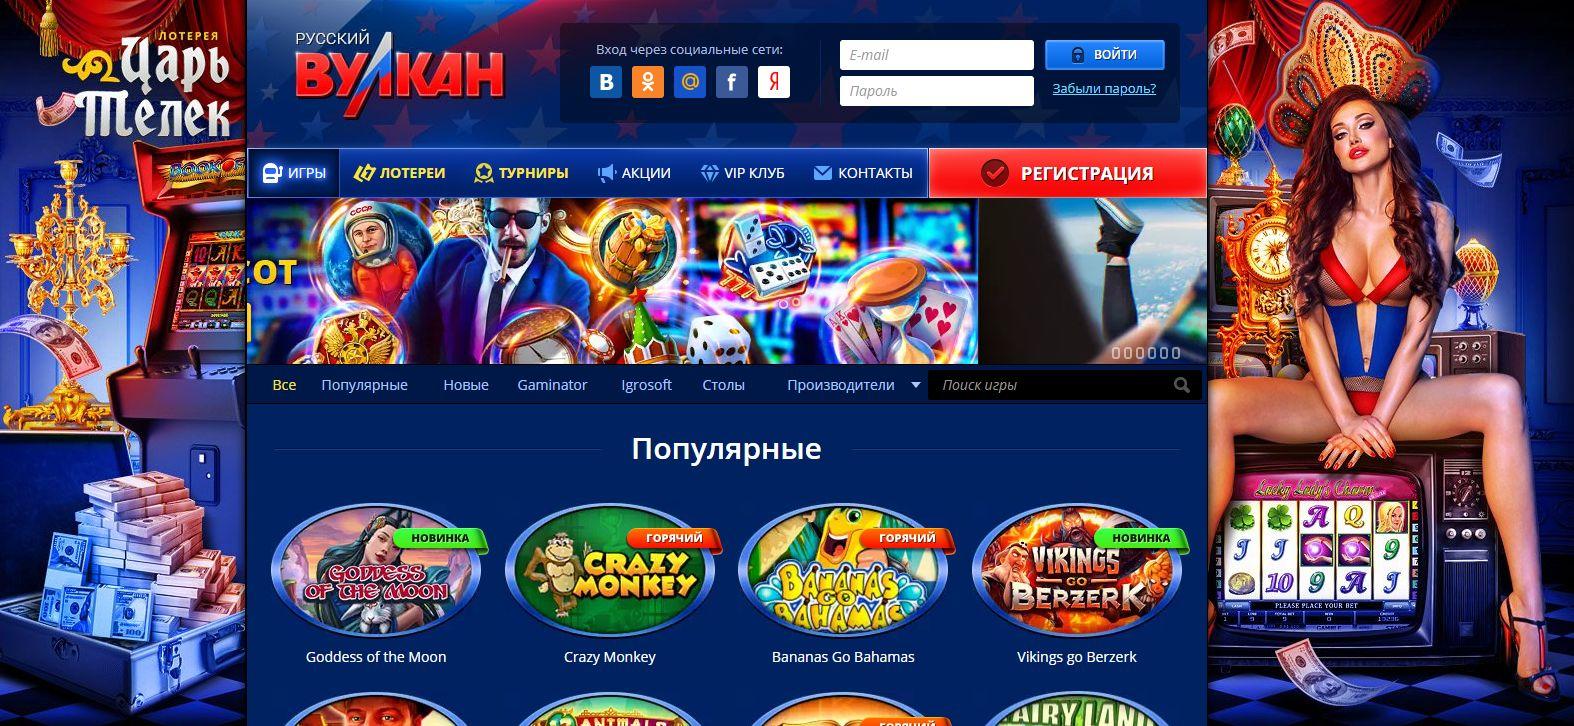 Казино русский вулкан kostenlos spielen casino online